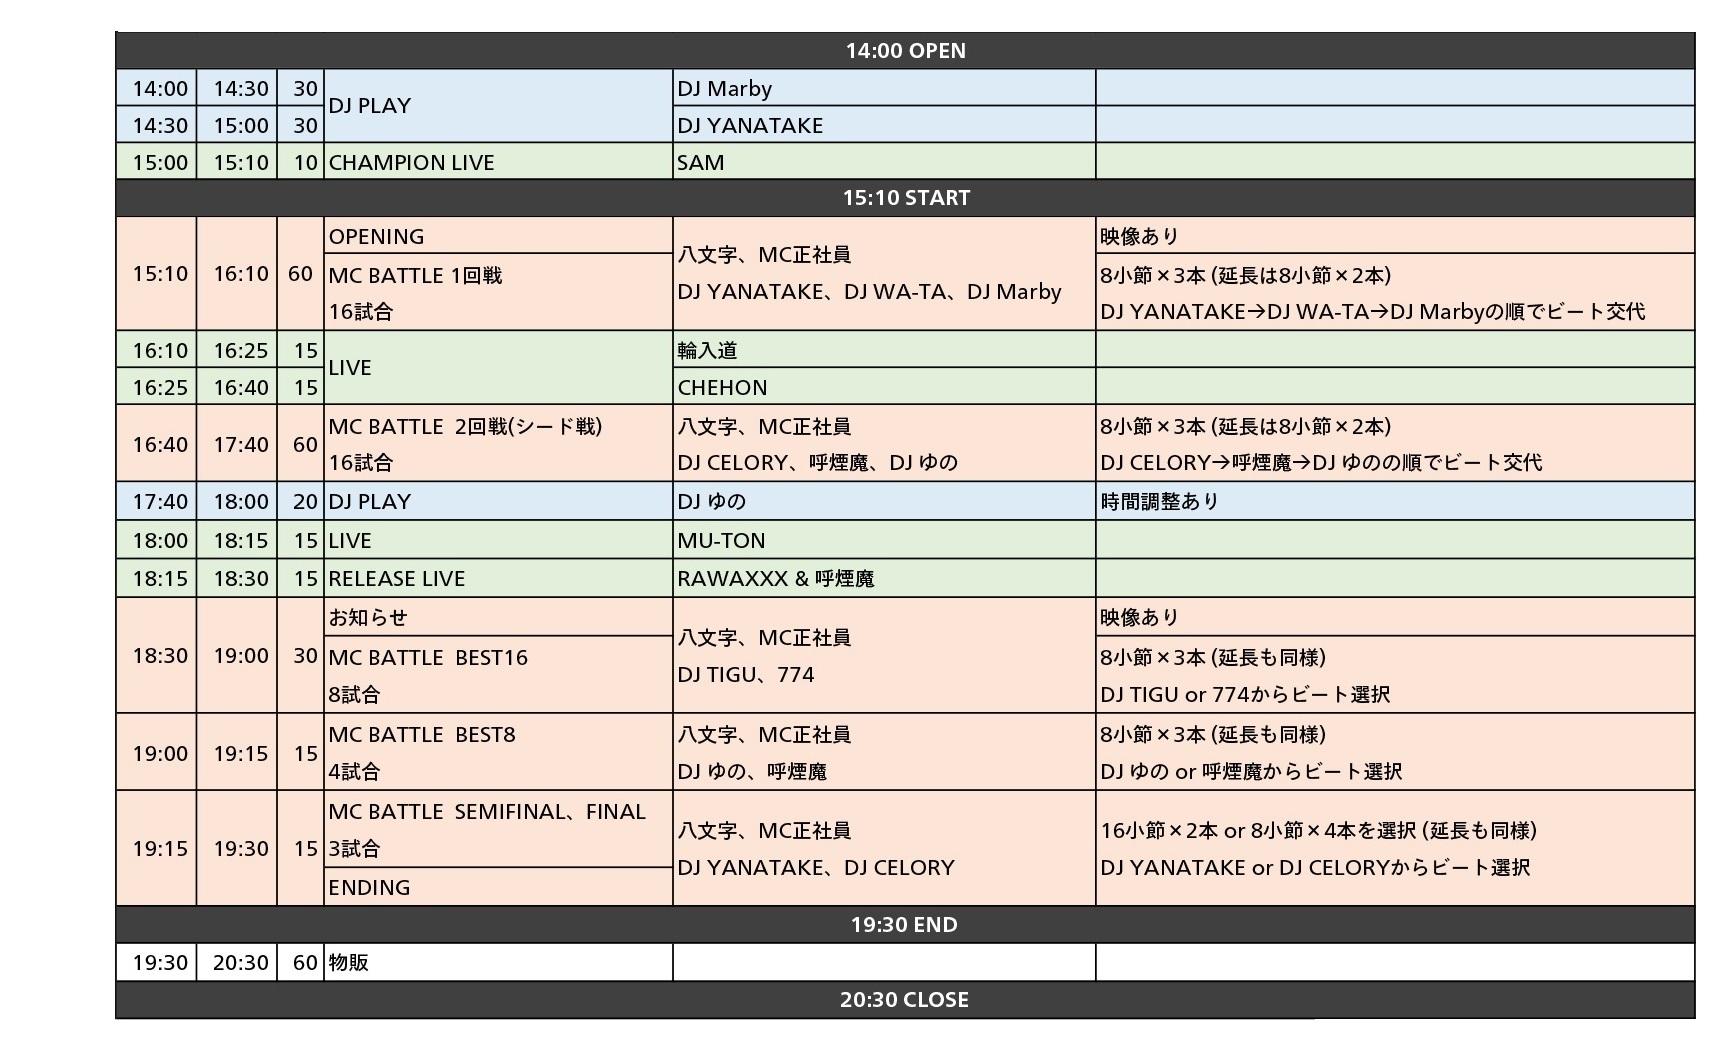 2/15 戦極MCBATTLE 第21章 -TOP RANKAZ 2020- タイムテーブル発表!チケットは完売しました_e0246863_04104832.jpeg